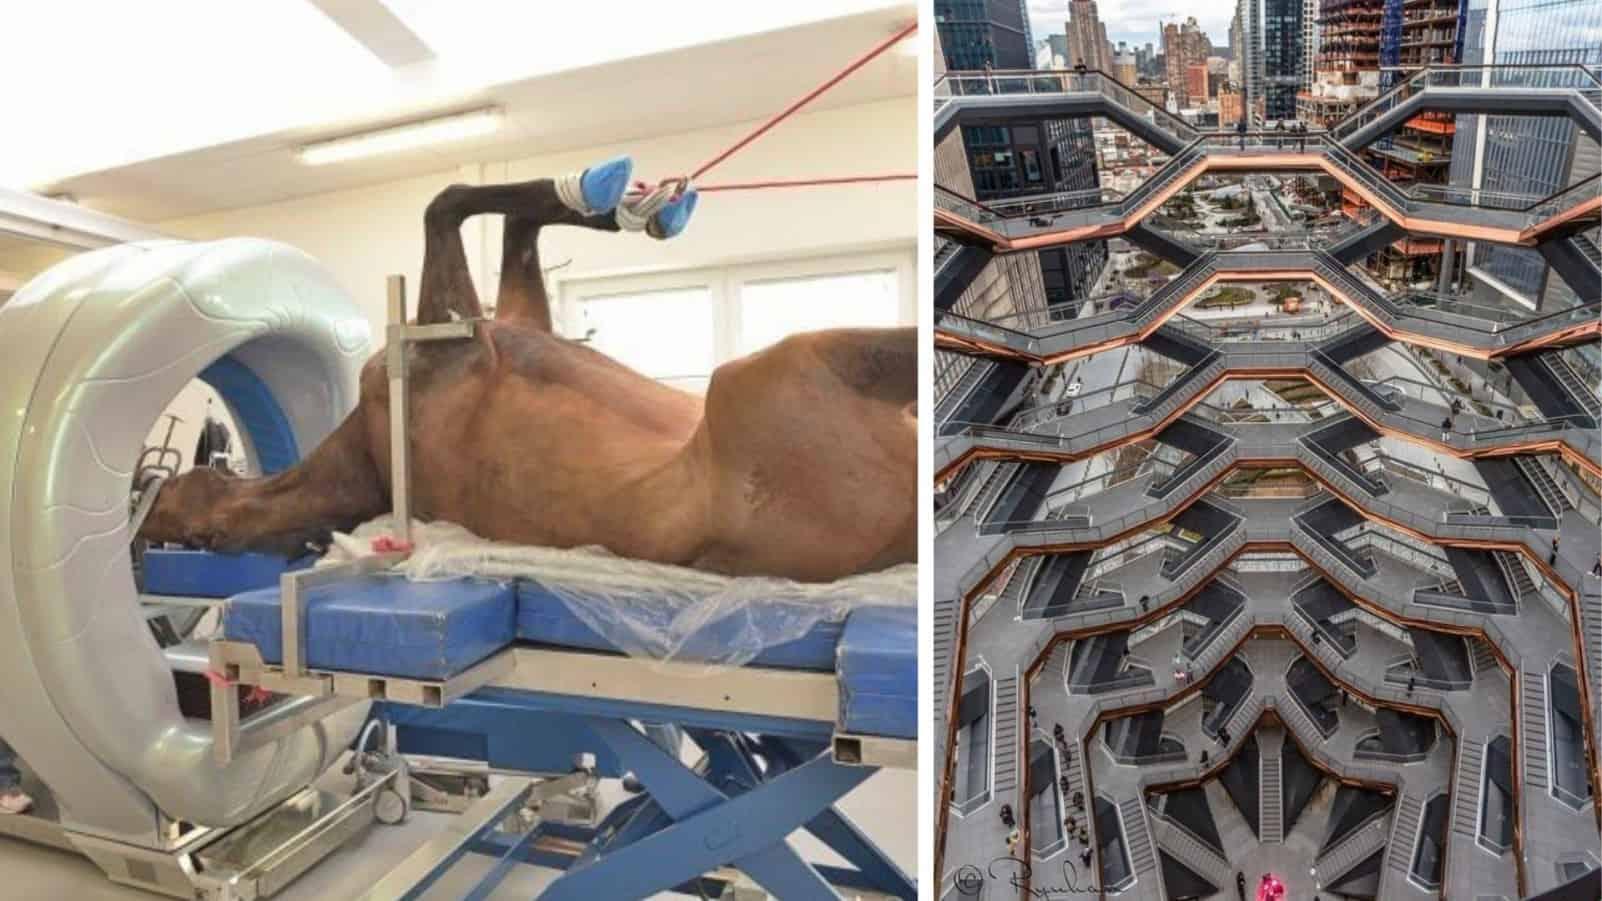 МРТ у лошади, золотые носки и ещё 15 удивительных фотографий разных редкостей